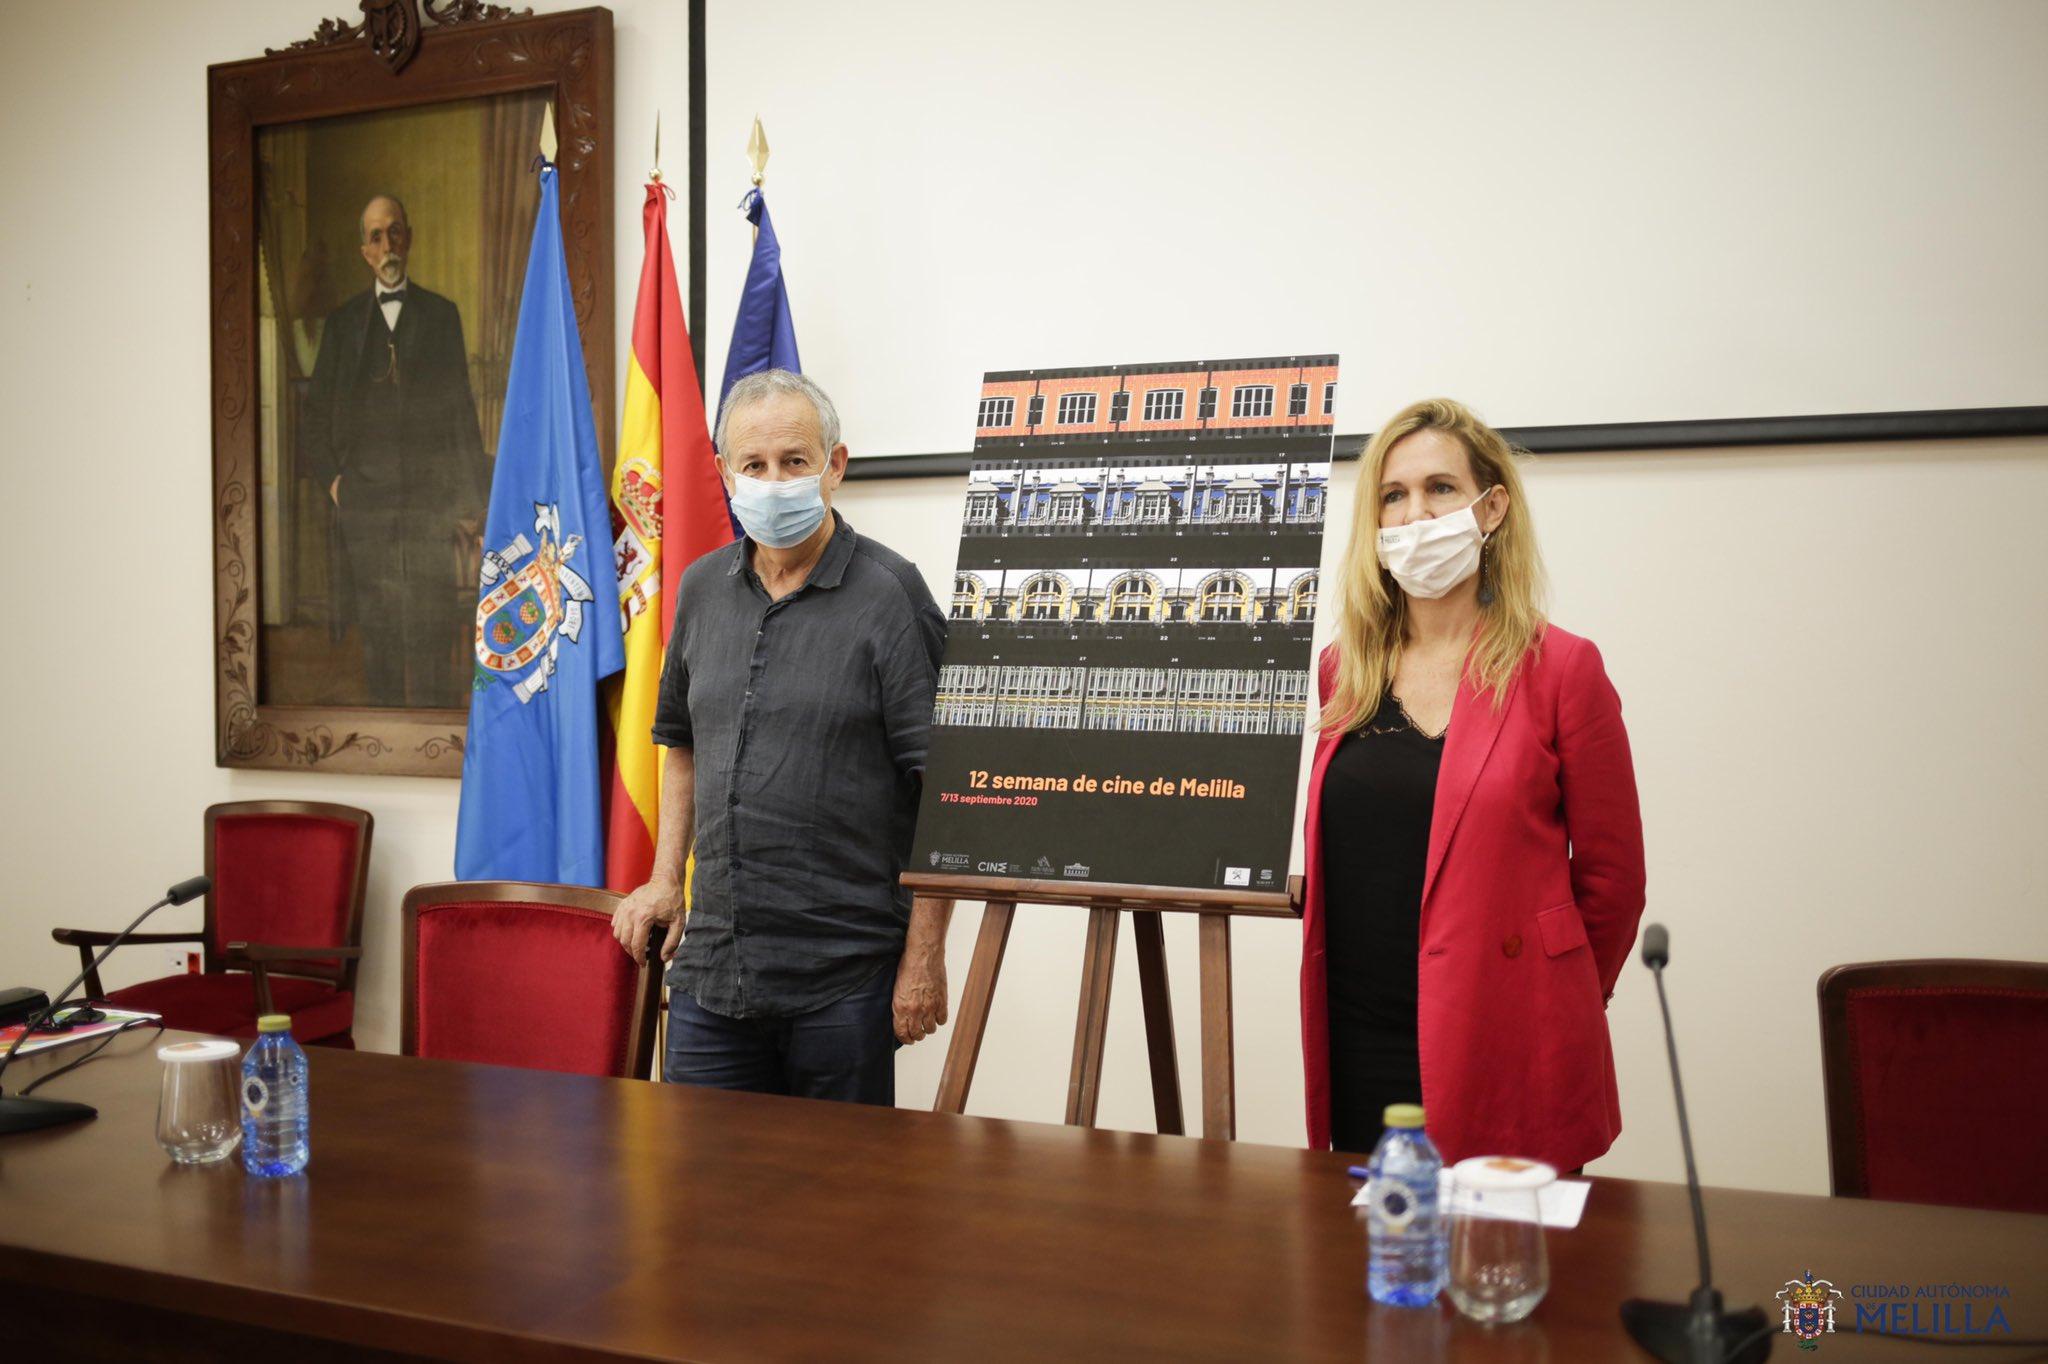 Presentación de la XII Semana de Cine de Melilla